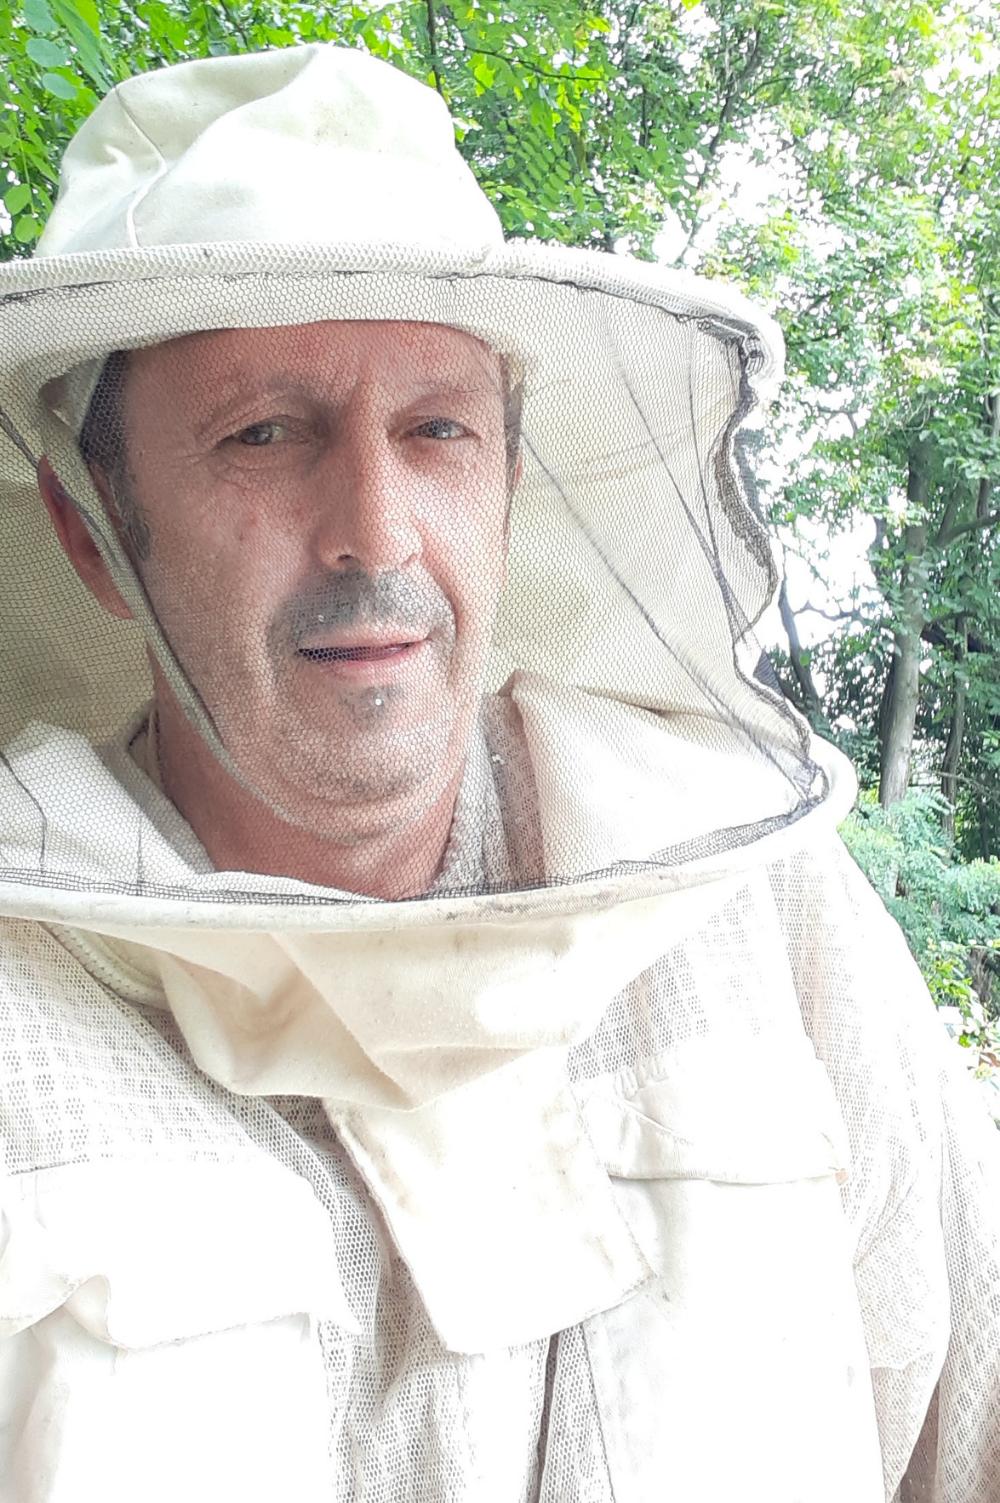 Pčelar u svojo opremi, portret.